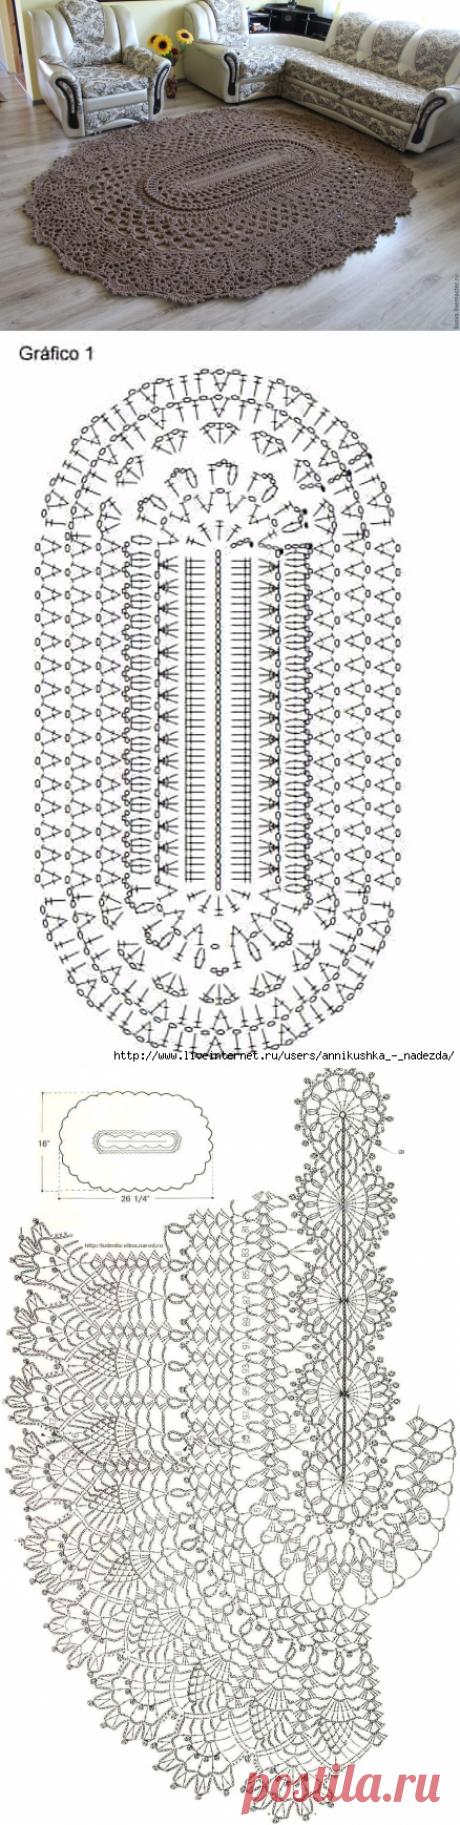 Рельефный ковер из шнура (крючок)